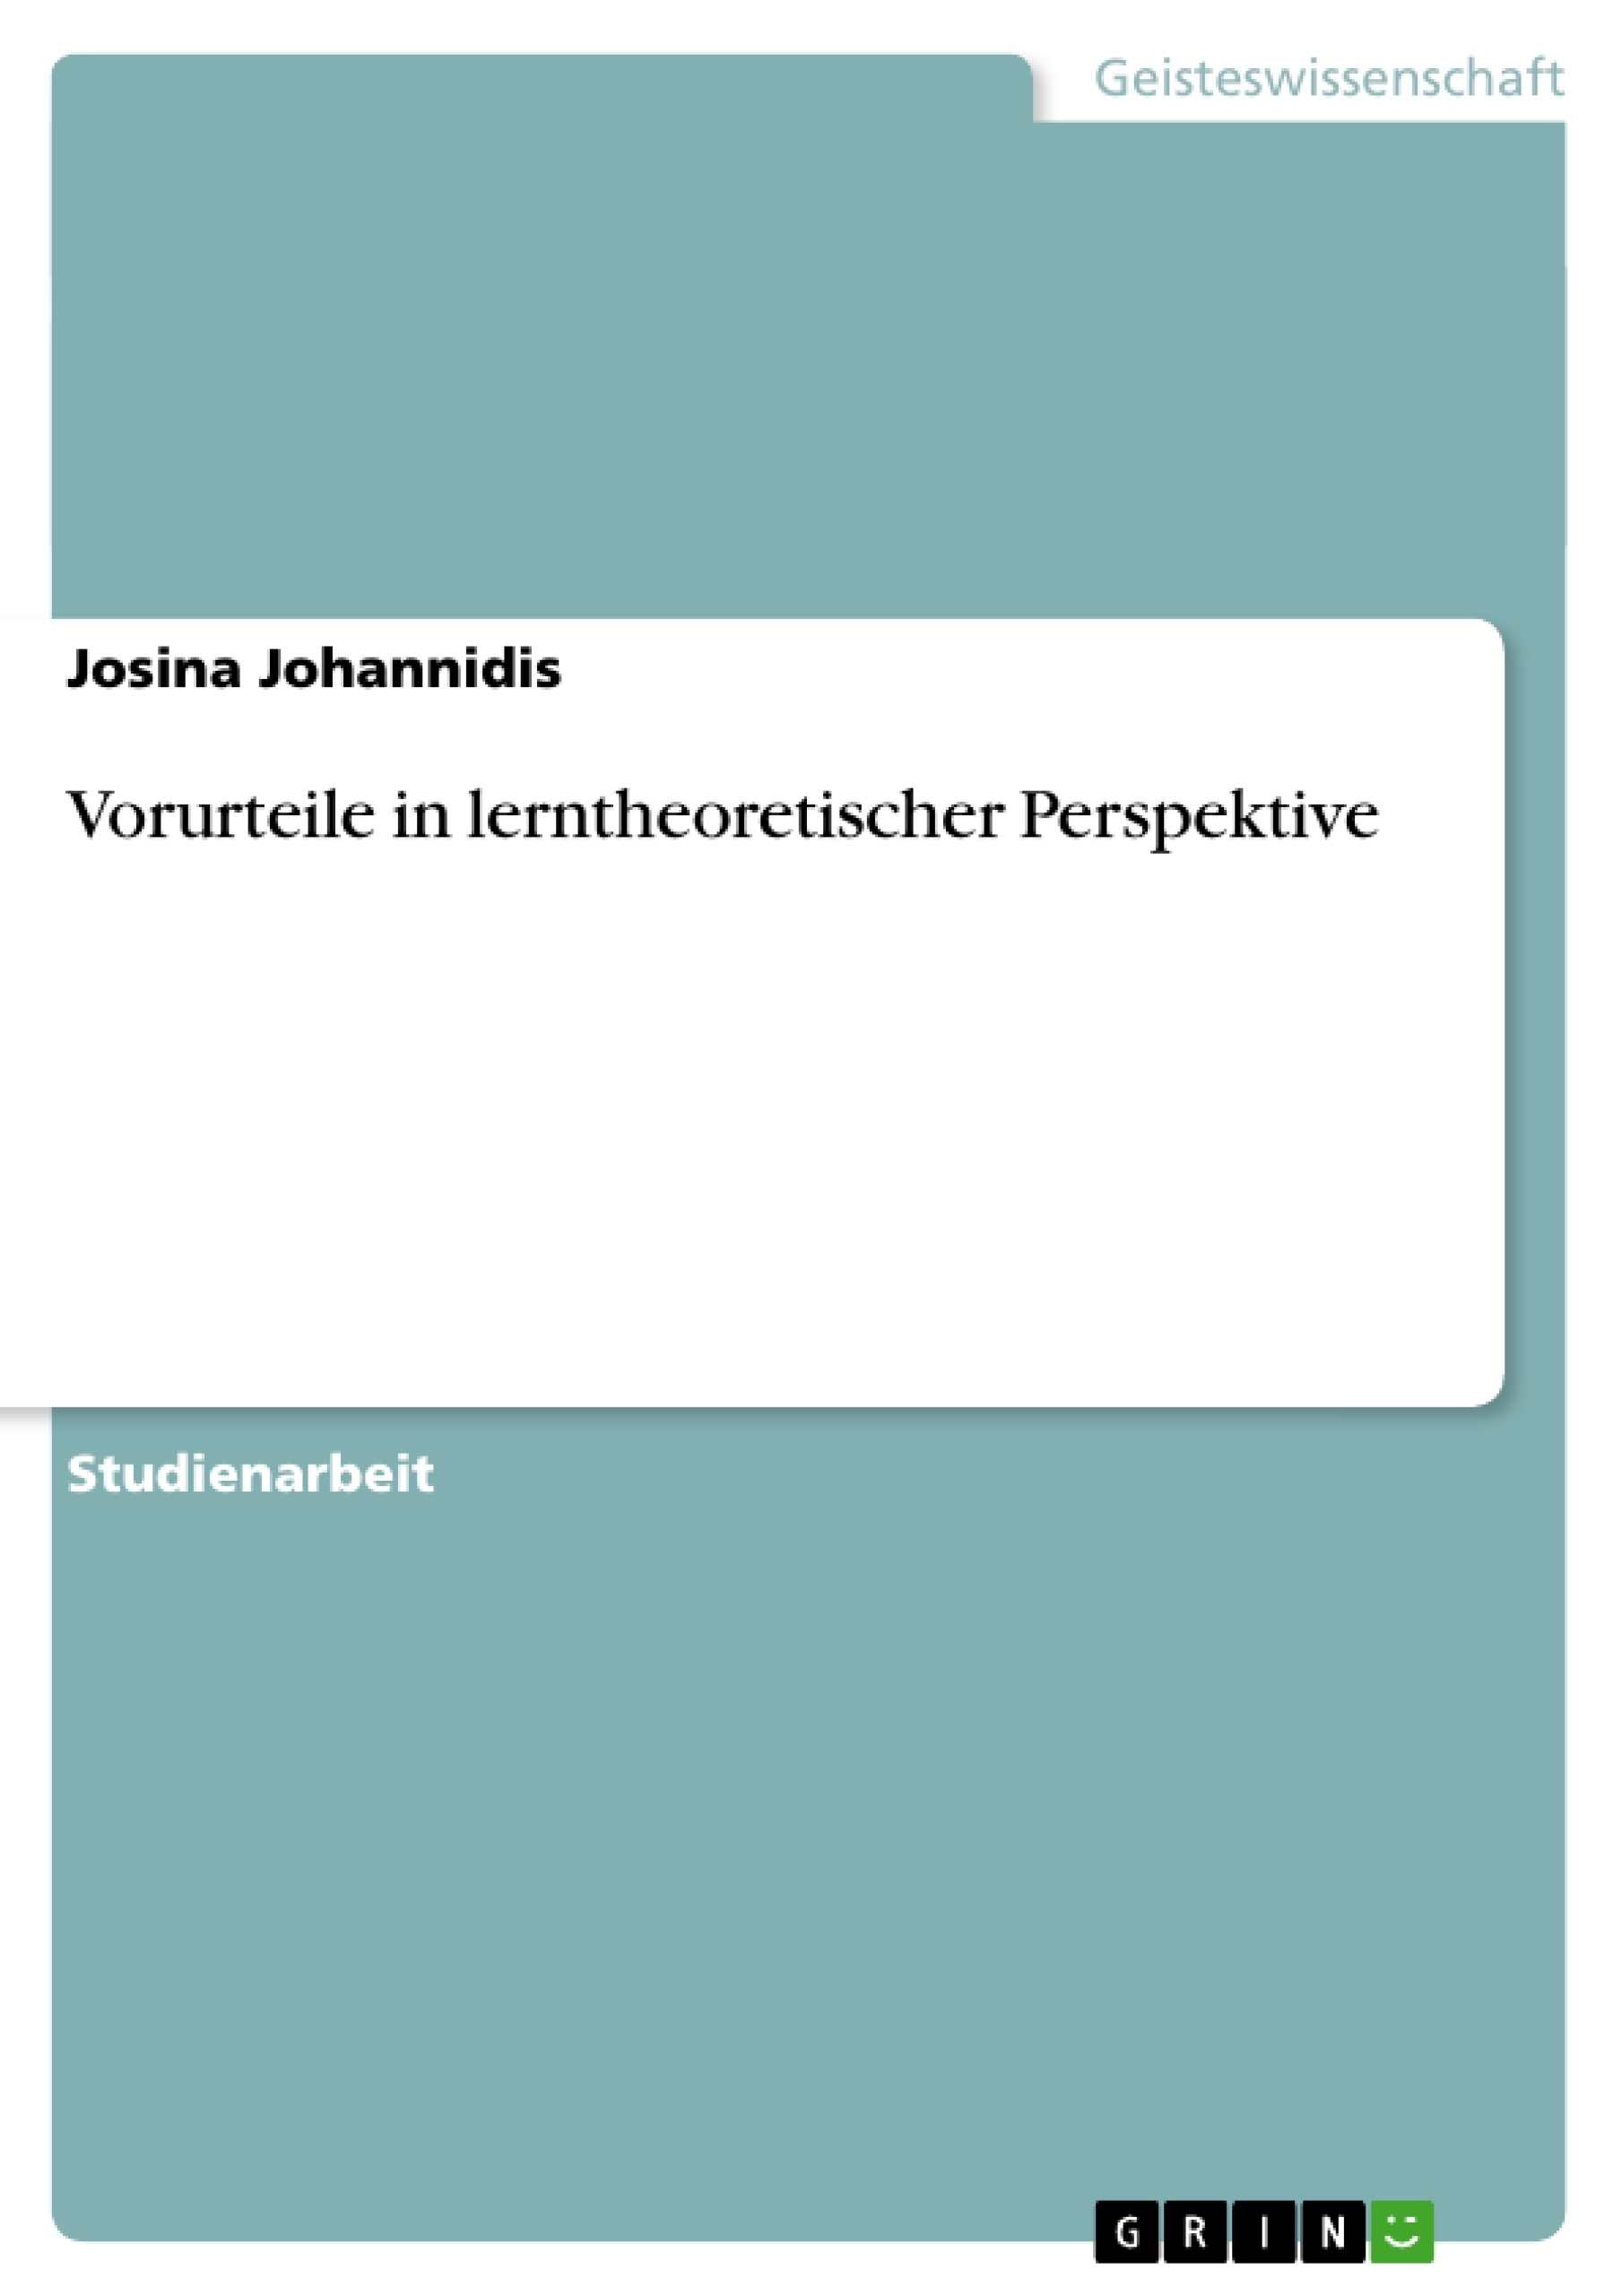 Titel: Vorurteile in lerntheoretischer Perspektive